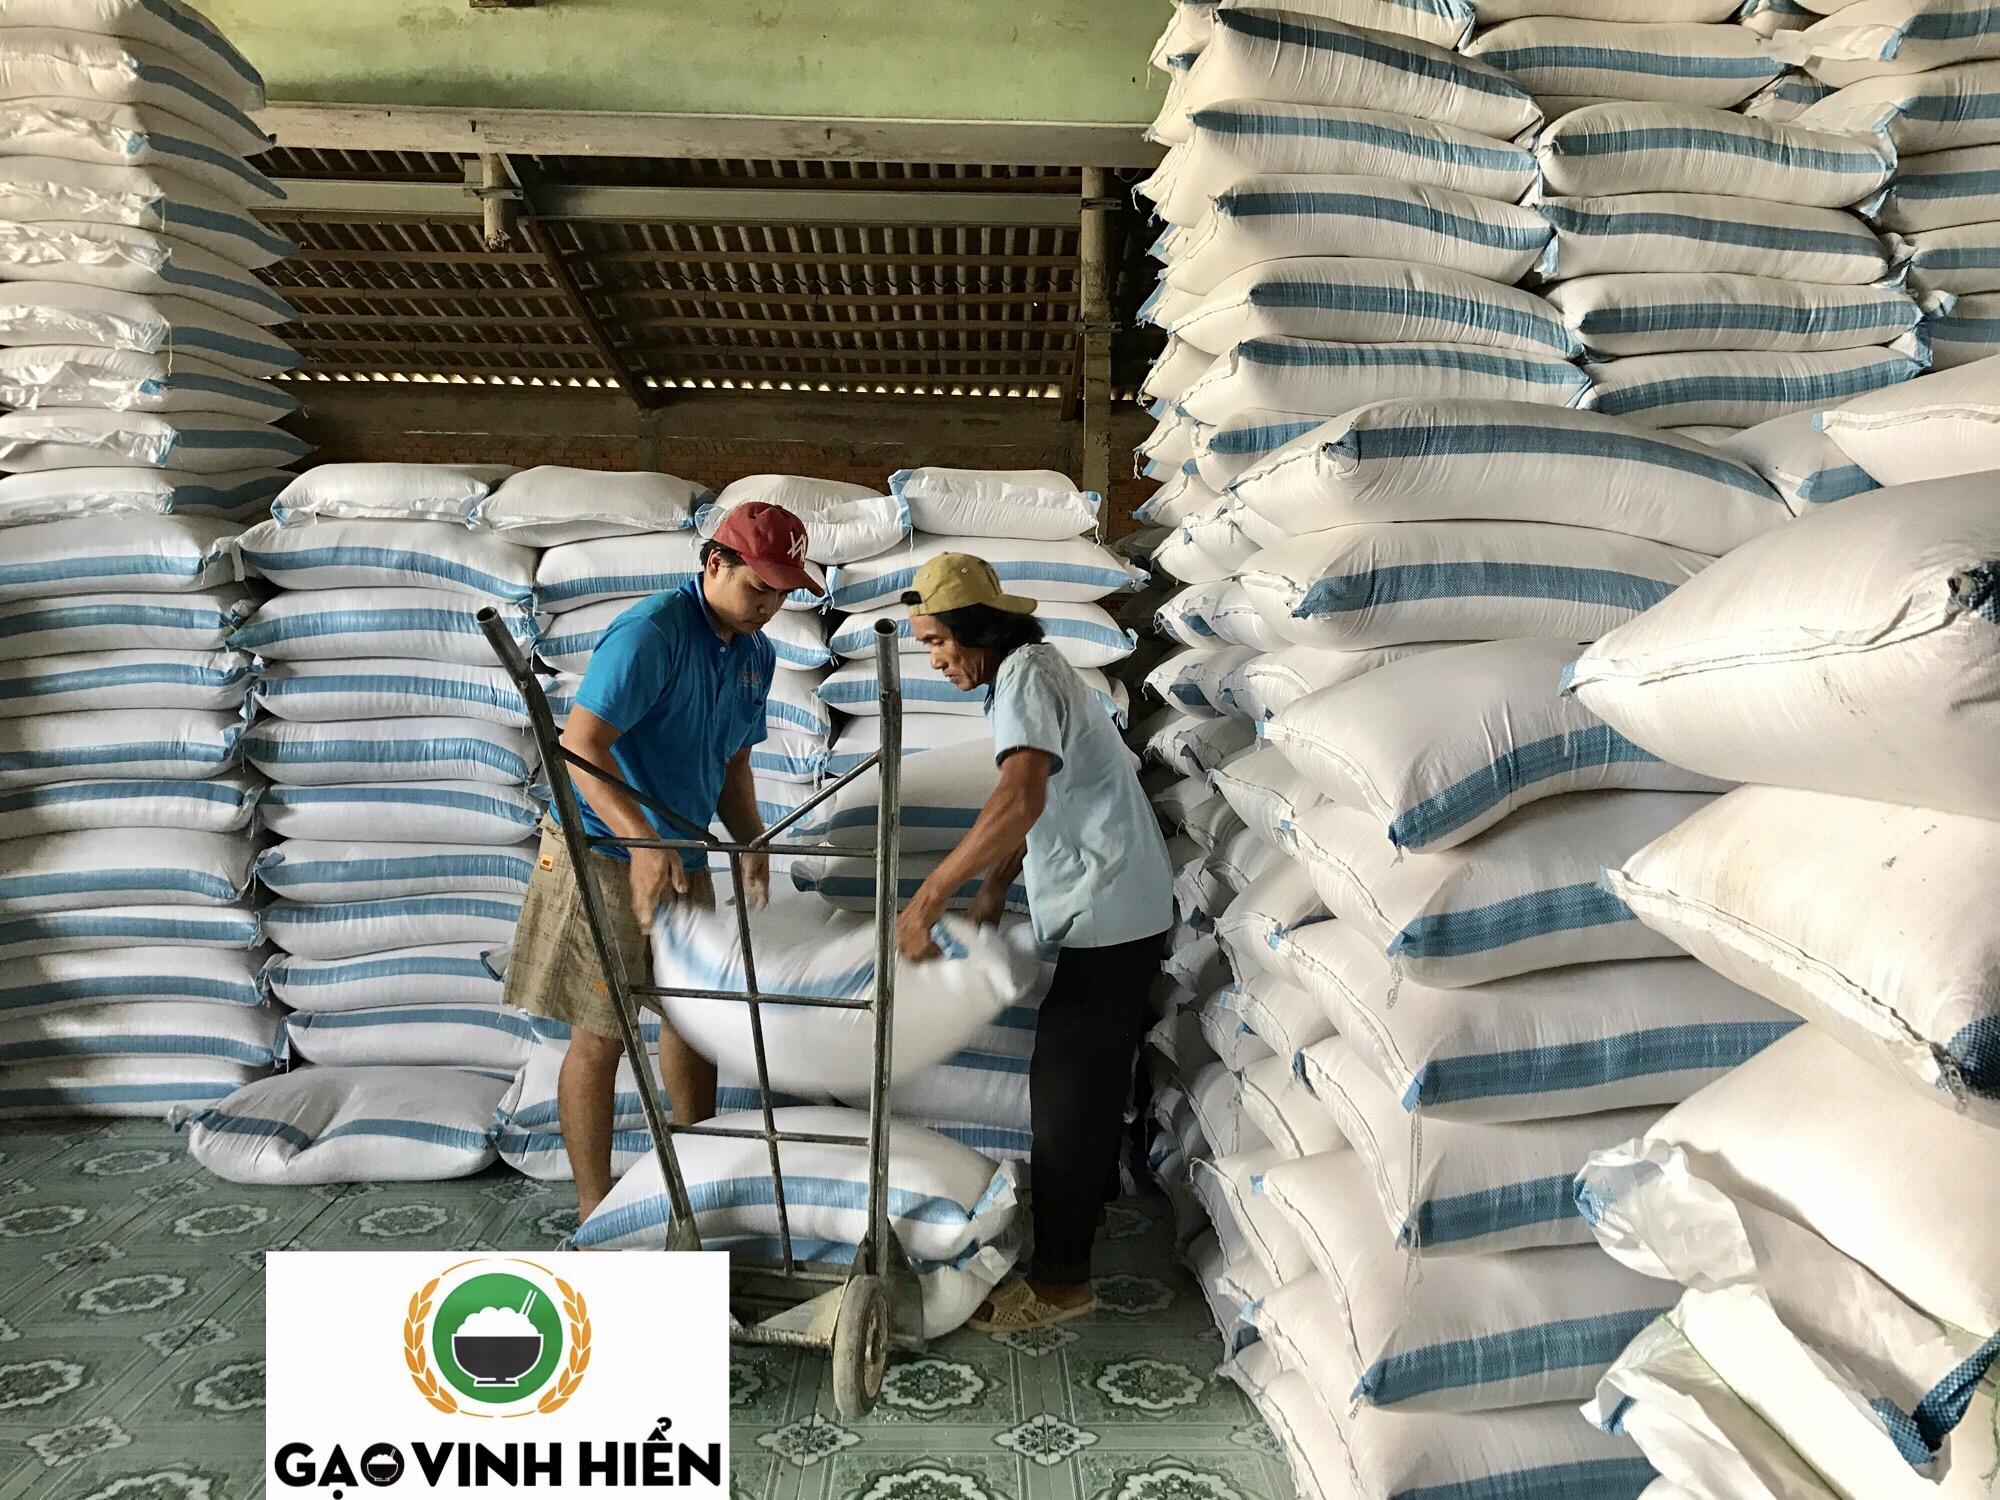 Chợ gạo miền tây đang lên hàng cho một vựa gạo tại tphcm